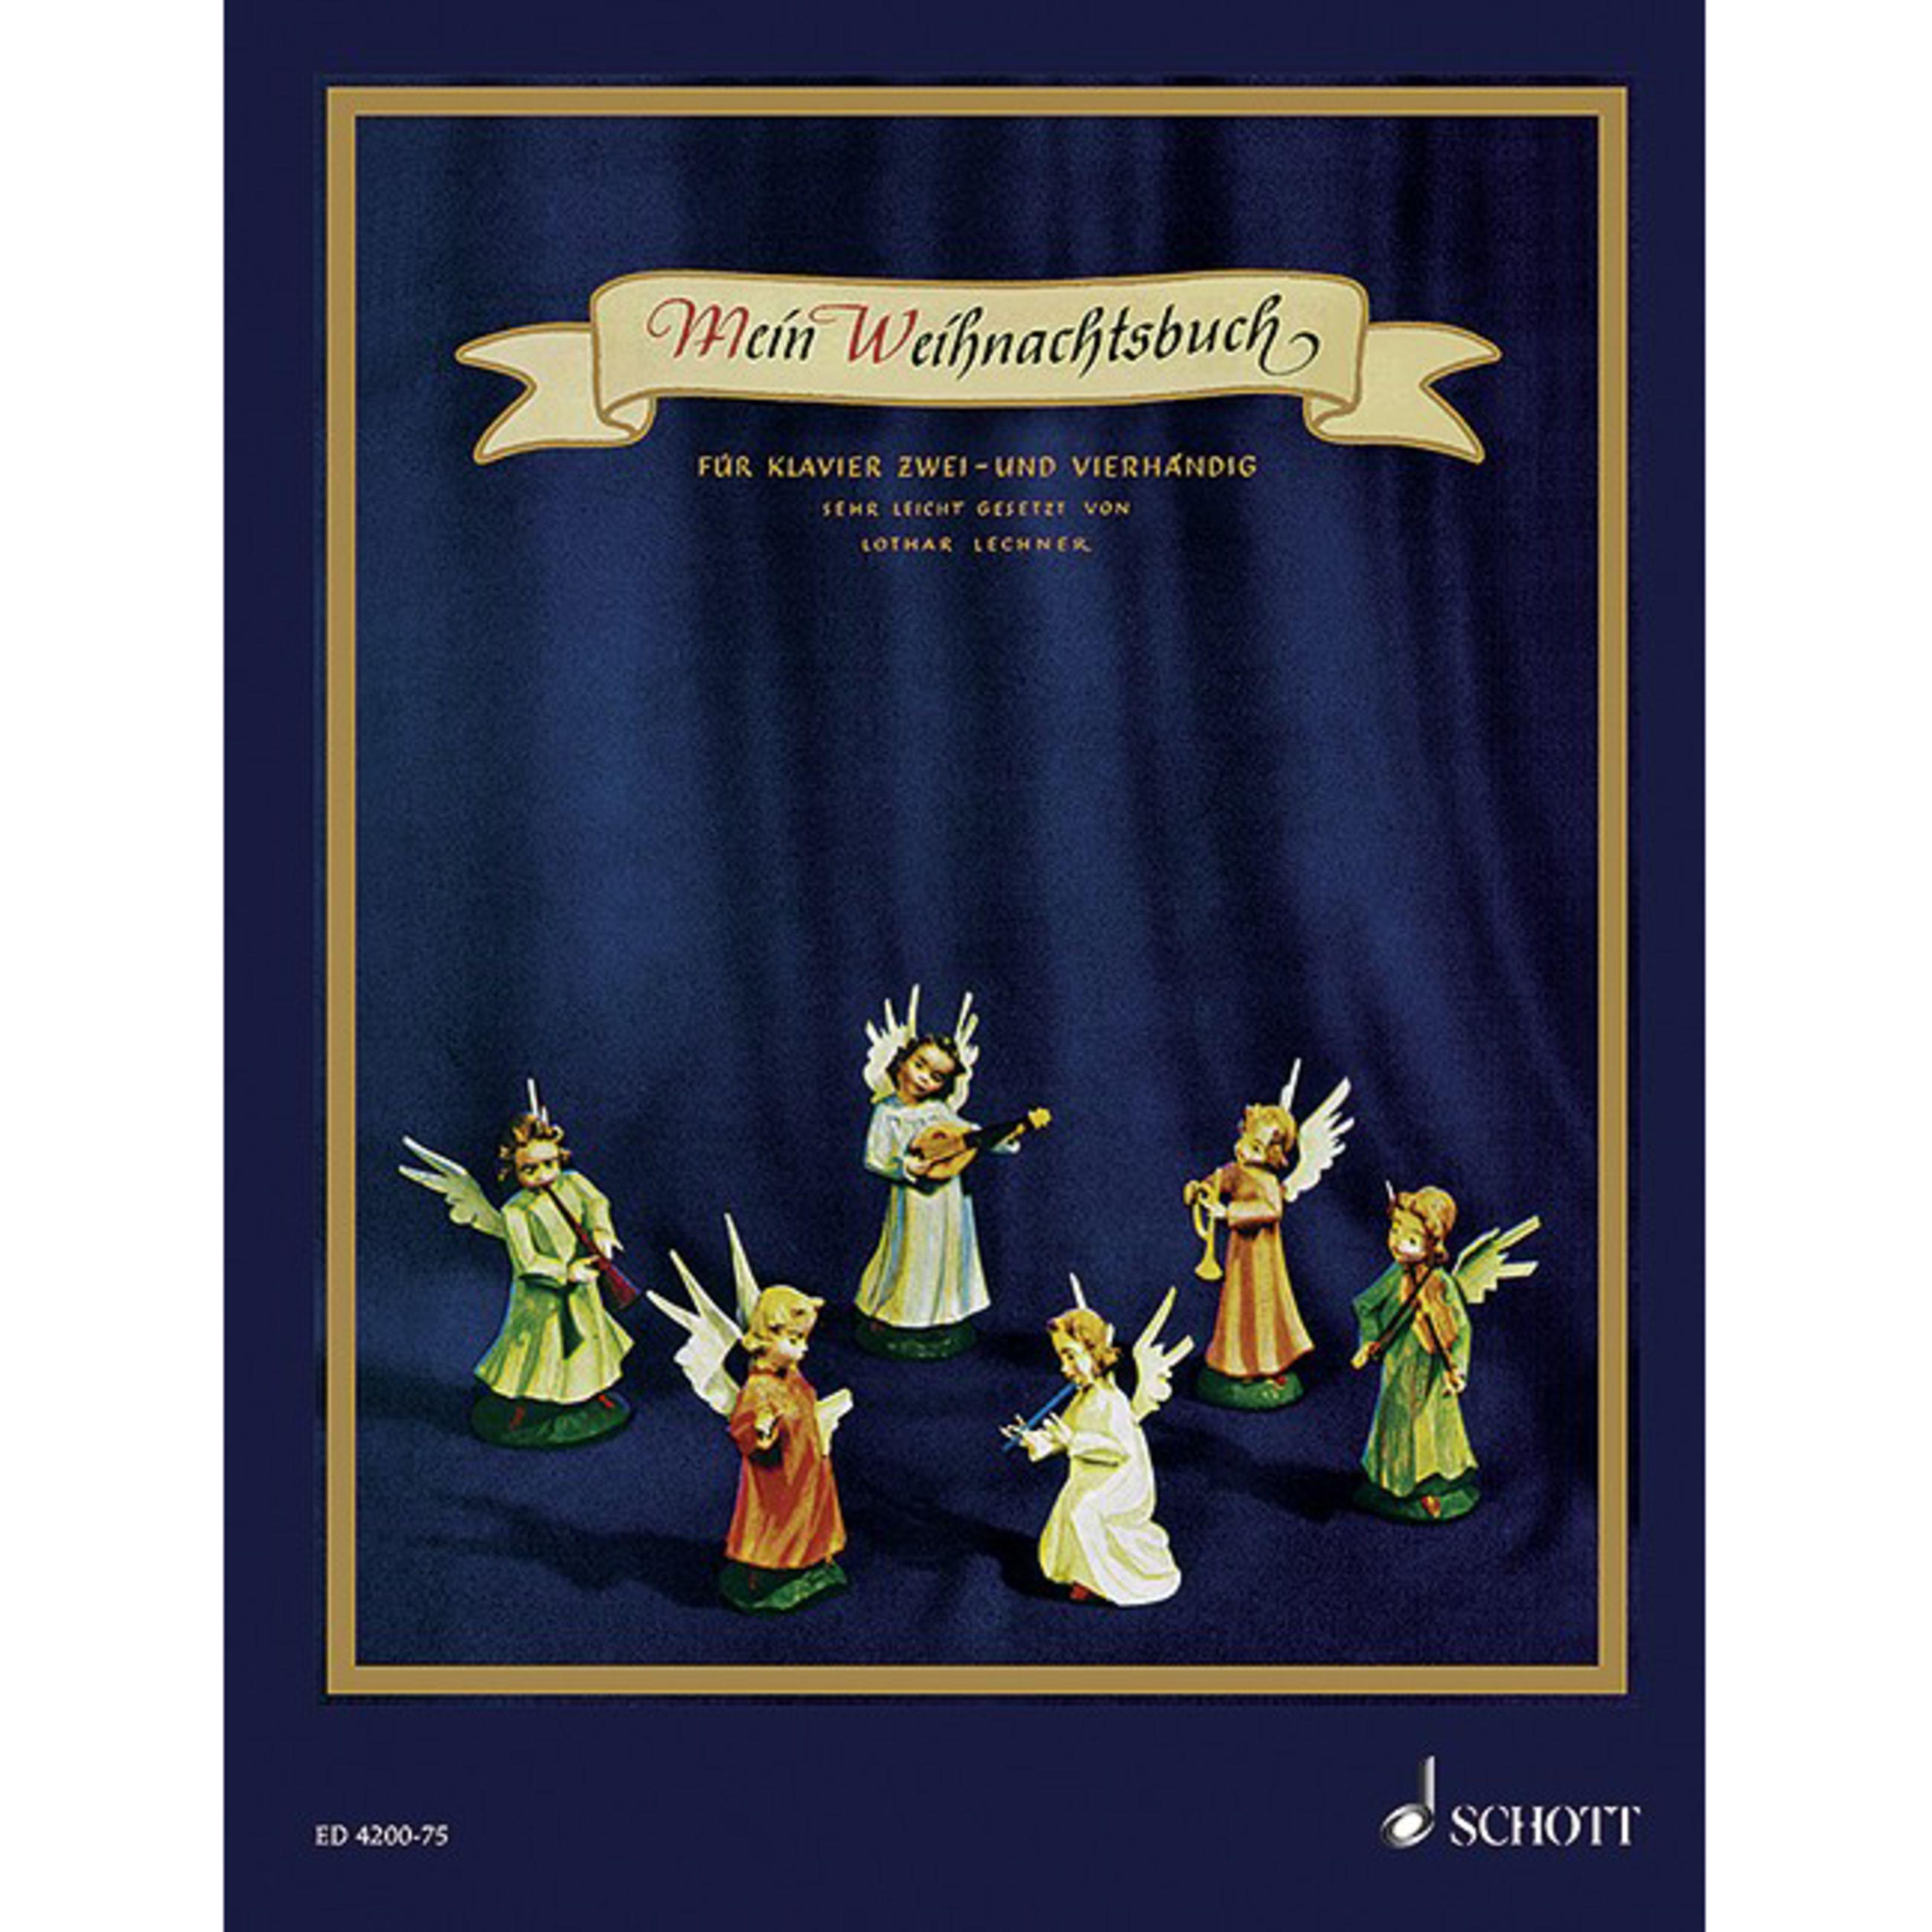 Schott Music - Mein Weihnachtsbuch ED 4200-75